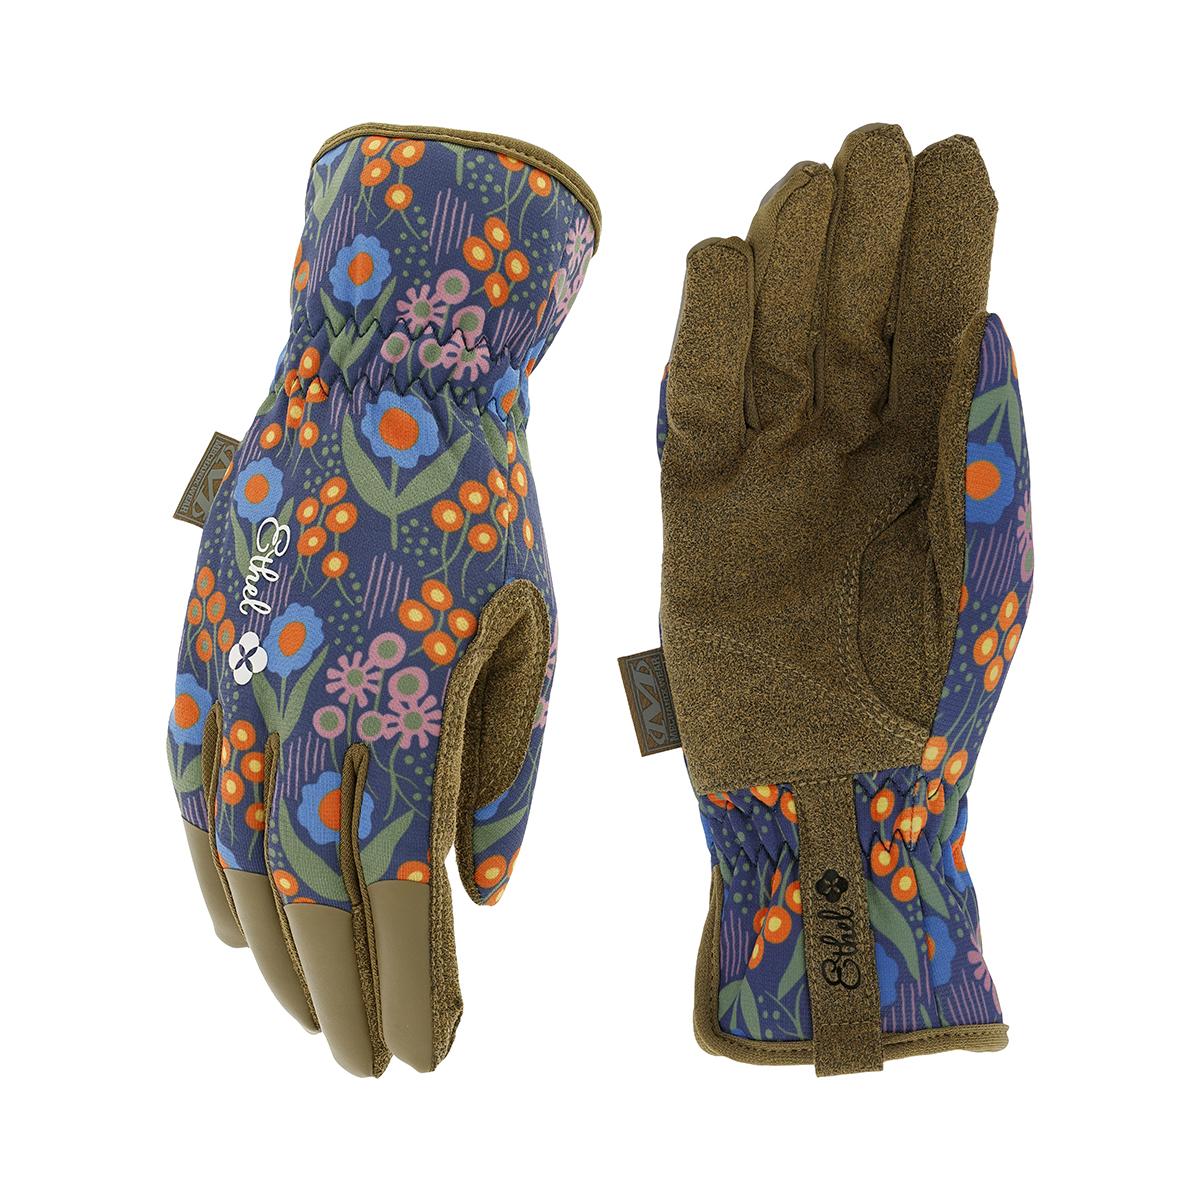 Bloom gardening gloves